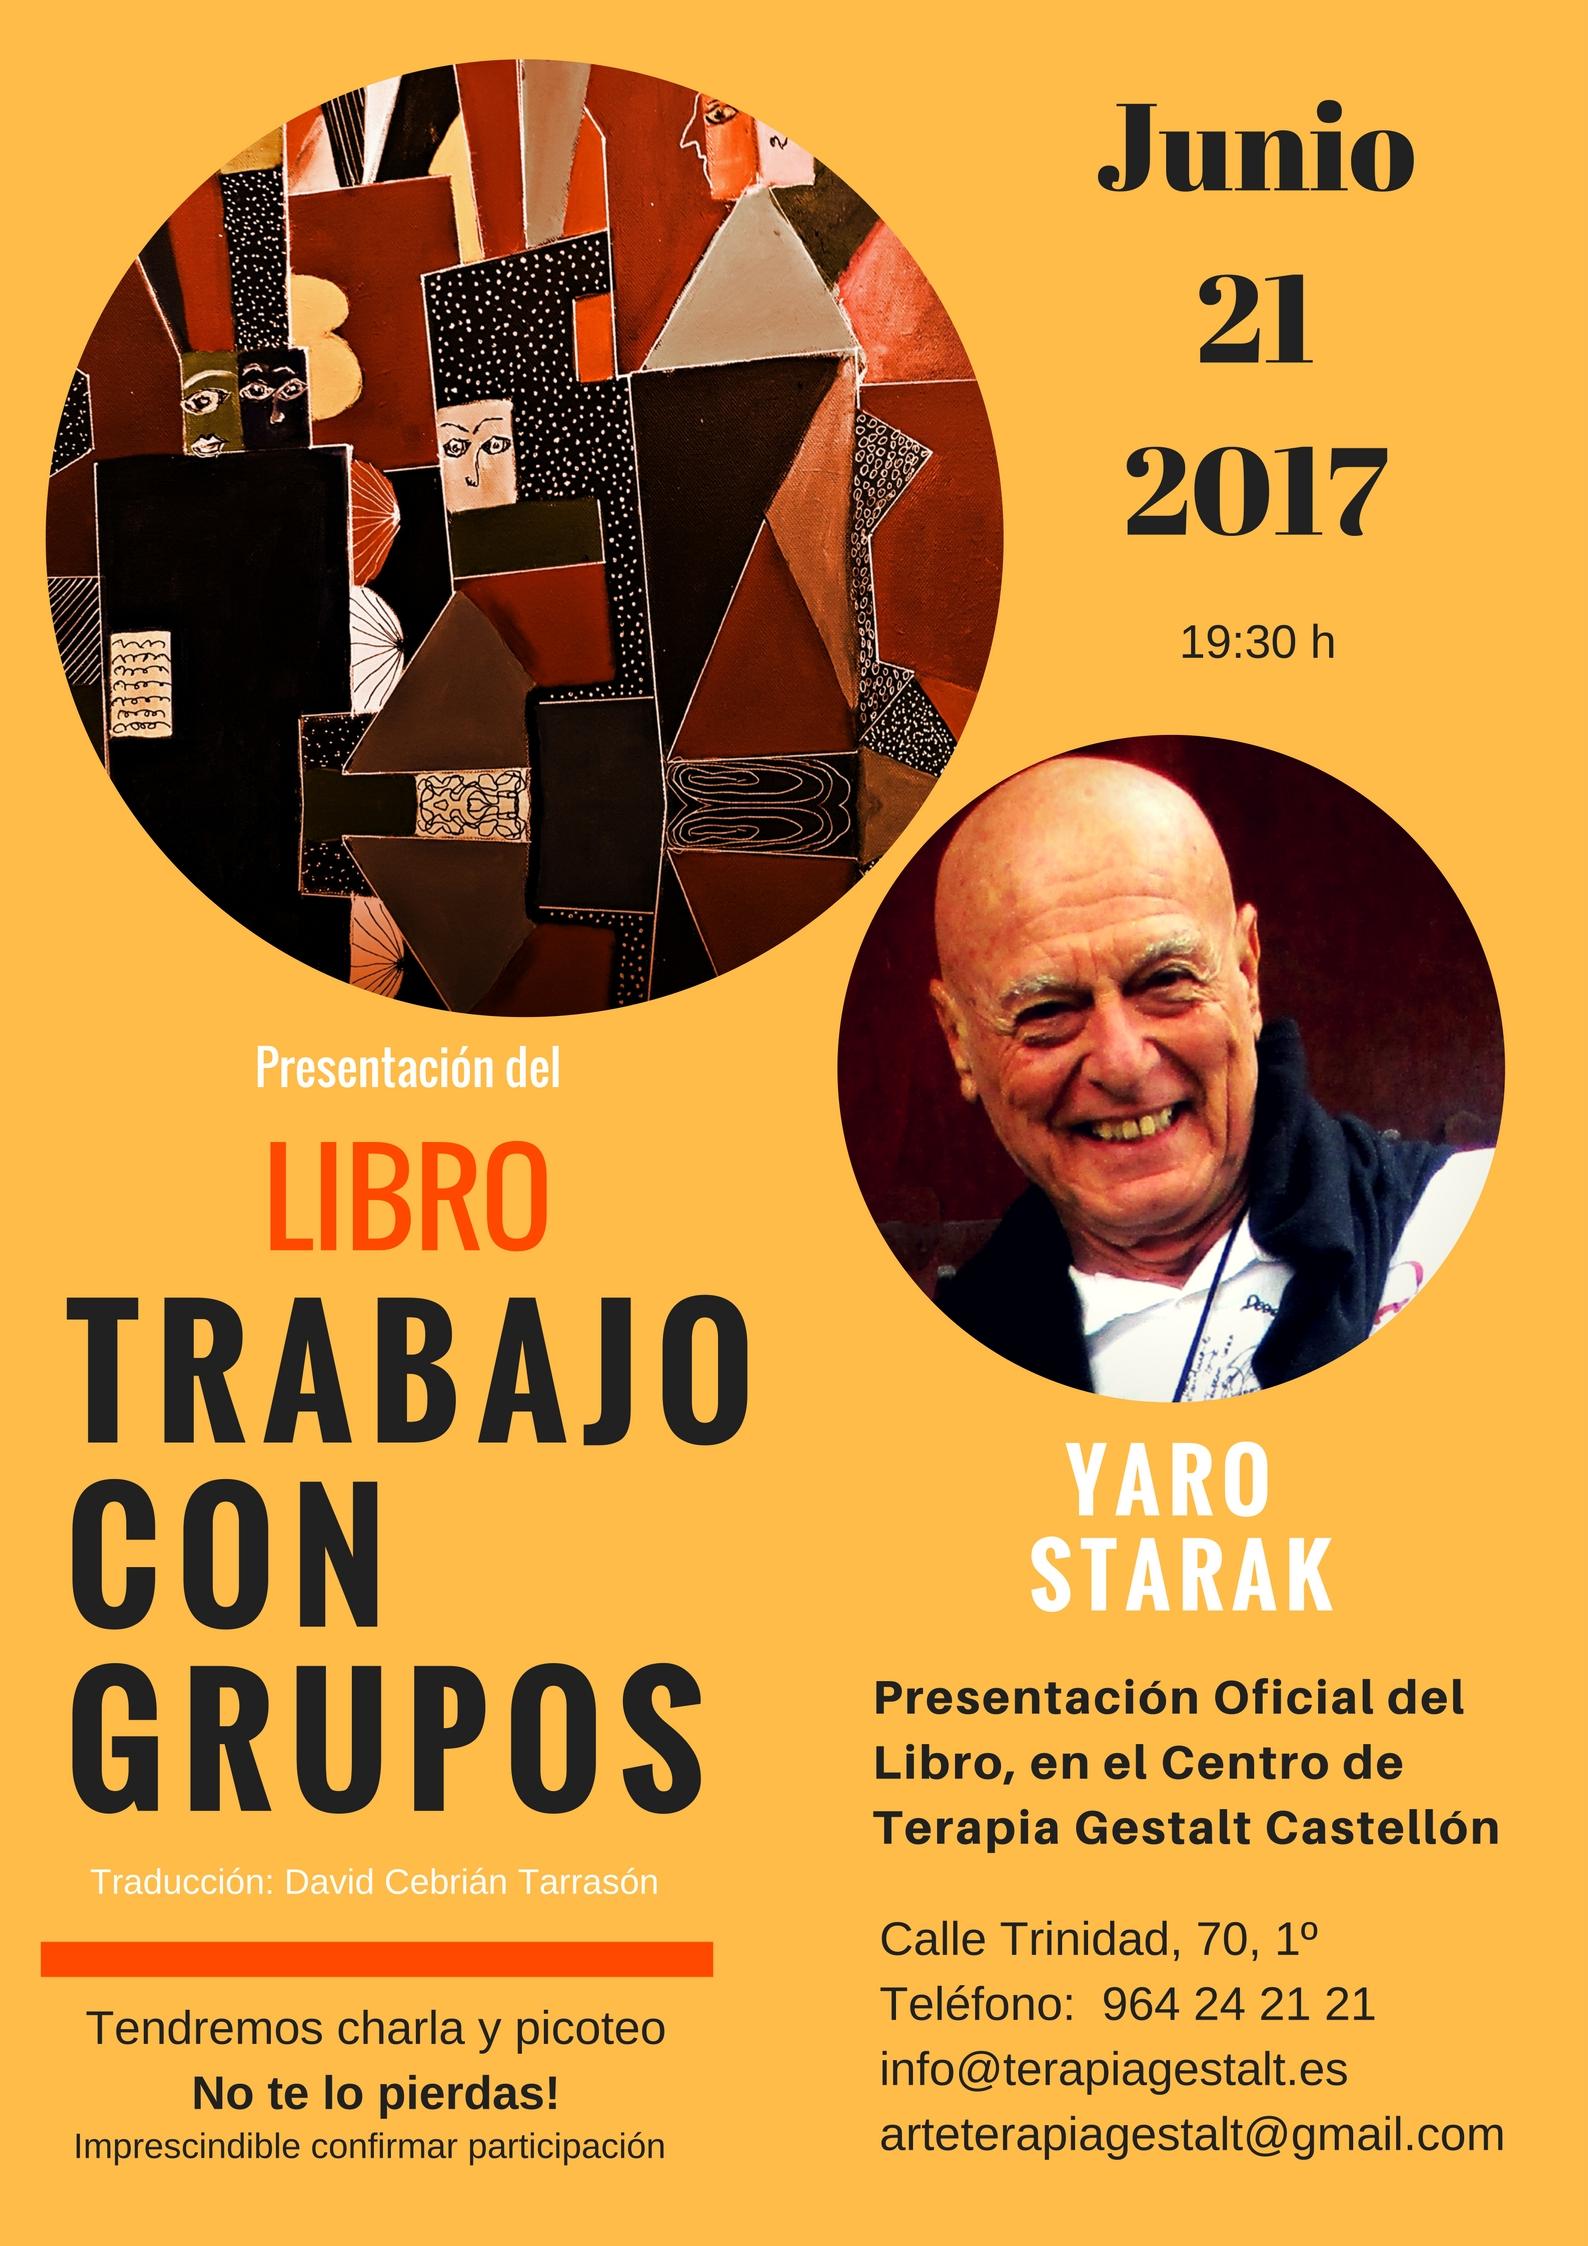 foto #1 de entrada del blog: Presentación Oficial del Libro TRABAJO CON GRUPOS- con herramientas de Arte Terapia. Autor: Yaro Starak